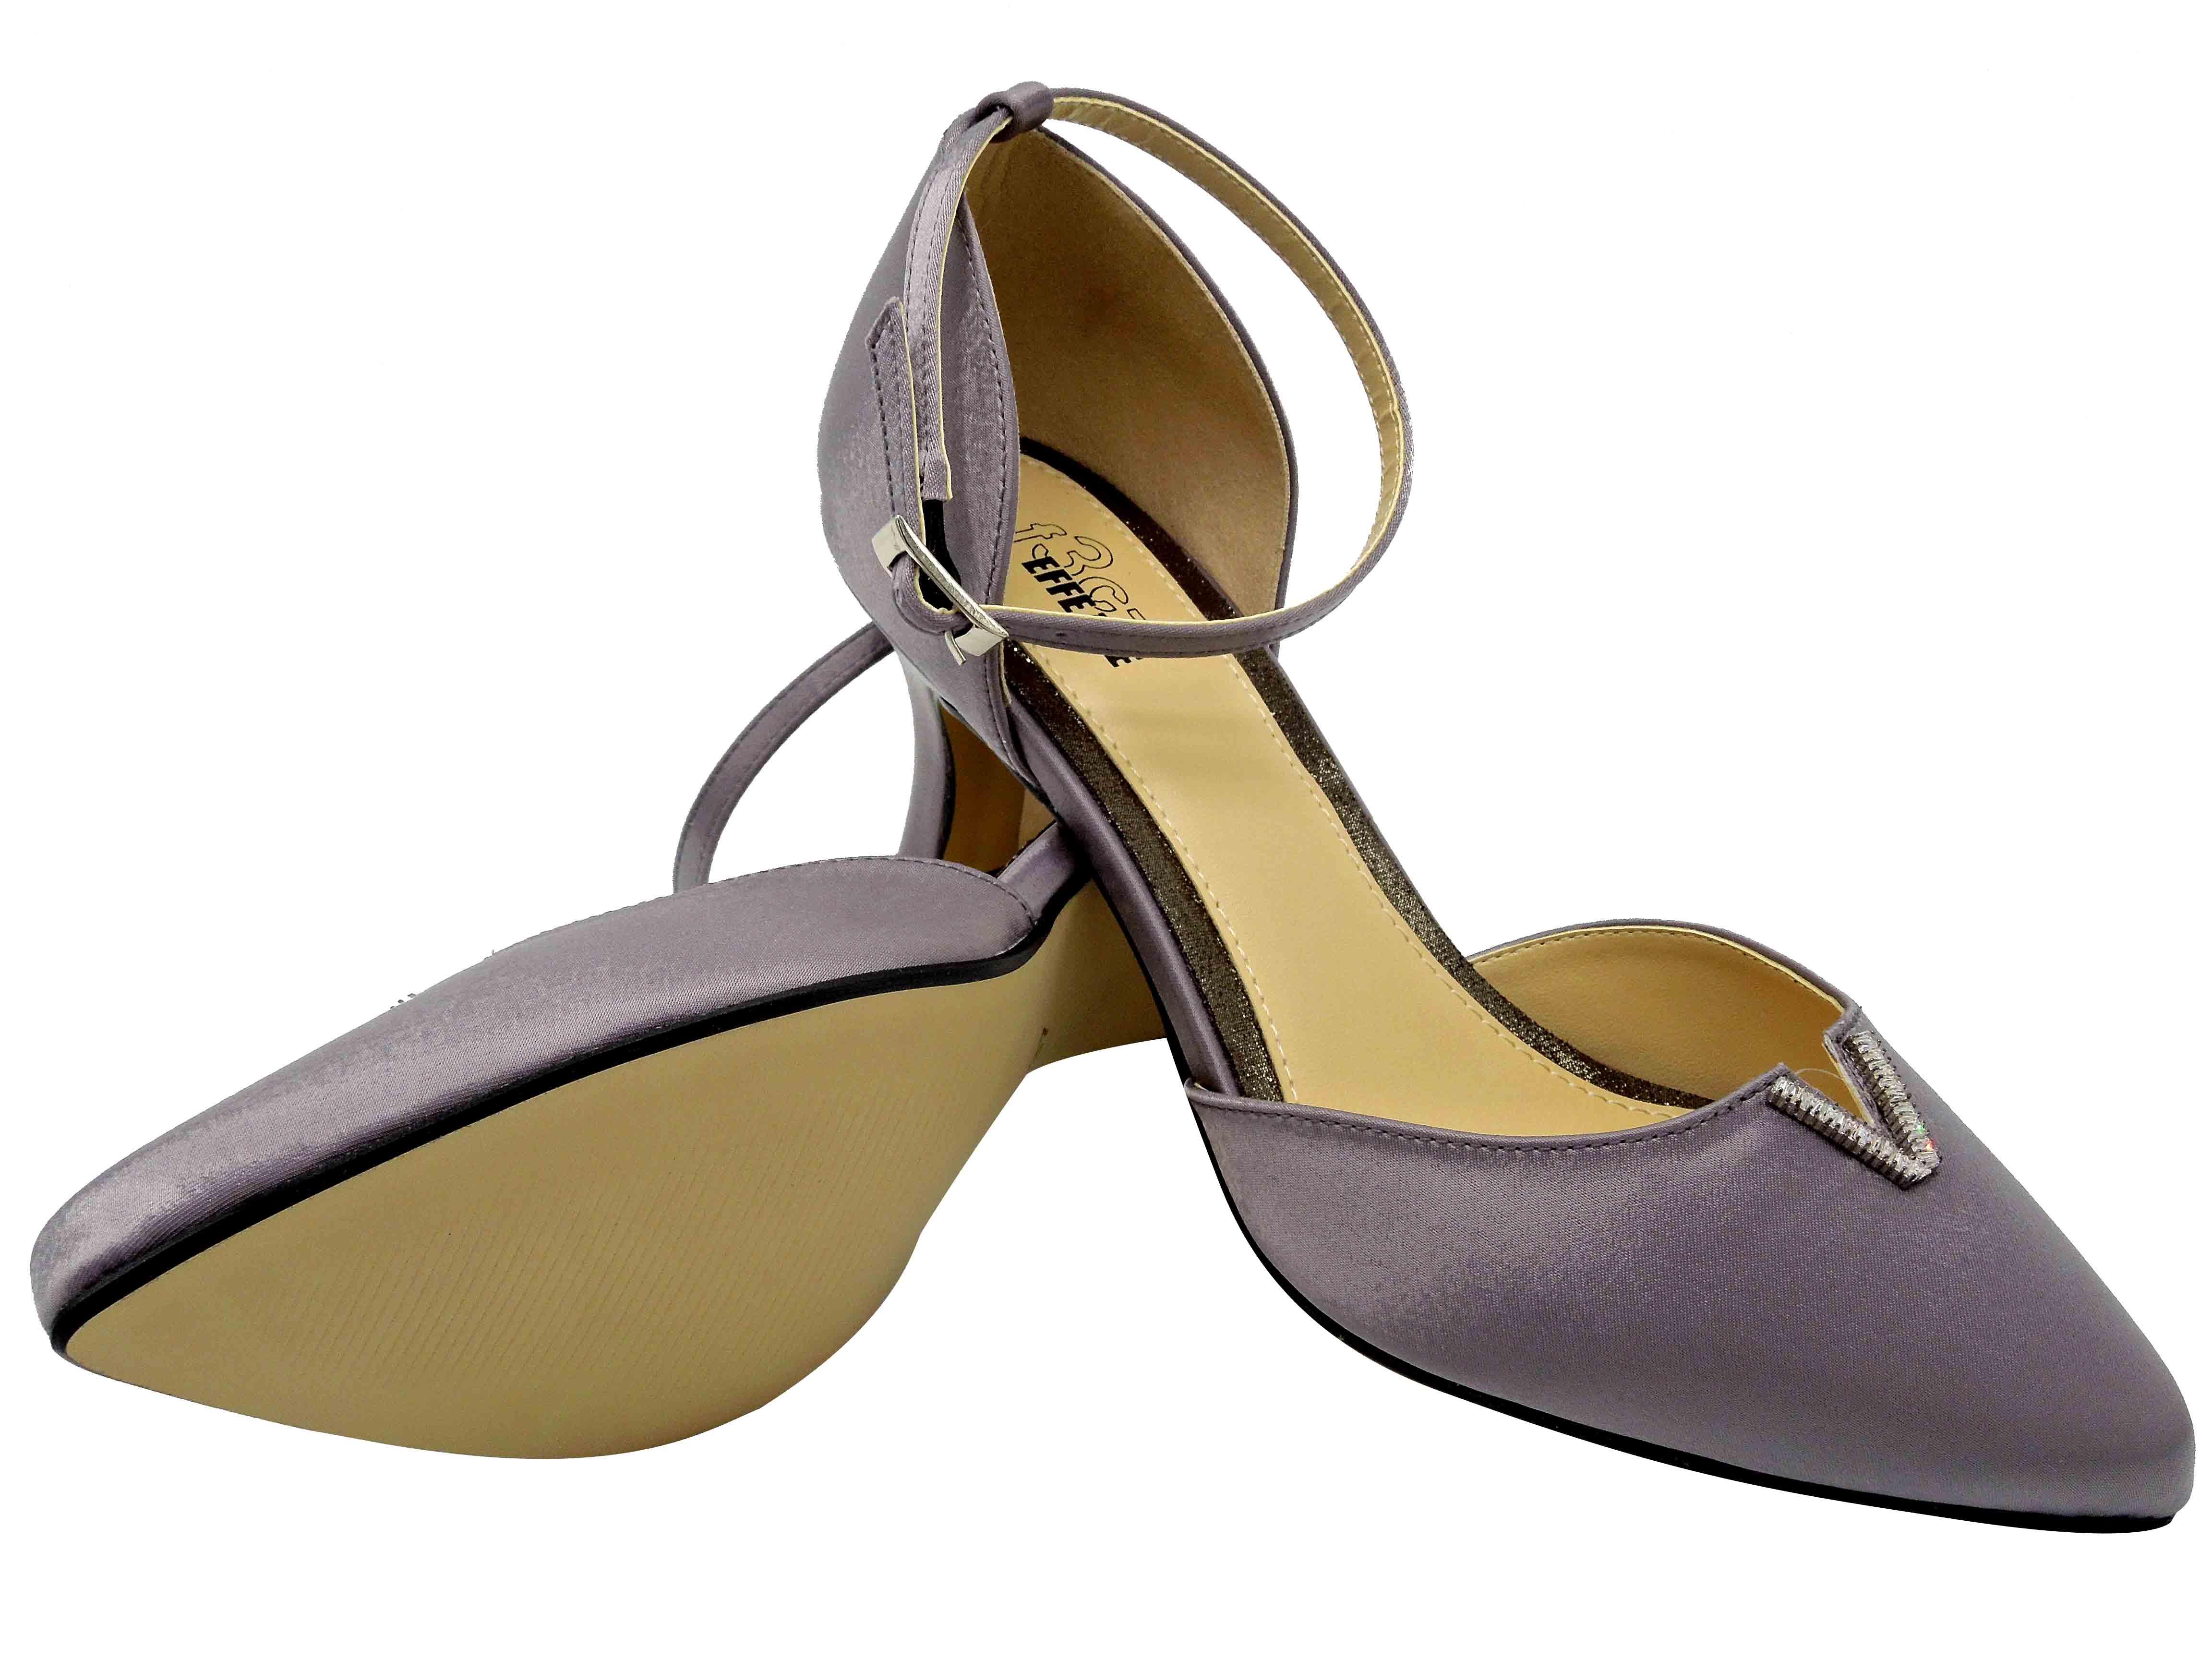 Dámské společenské boty L22914 stříbrná fdeddc9143